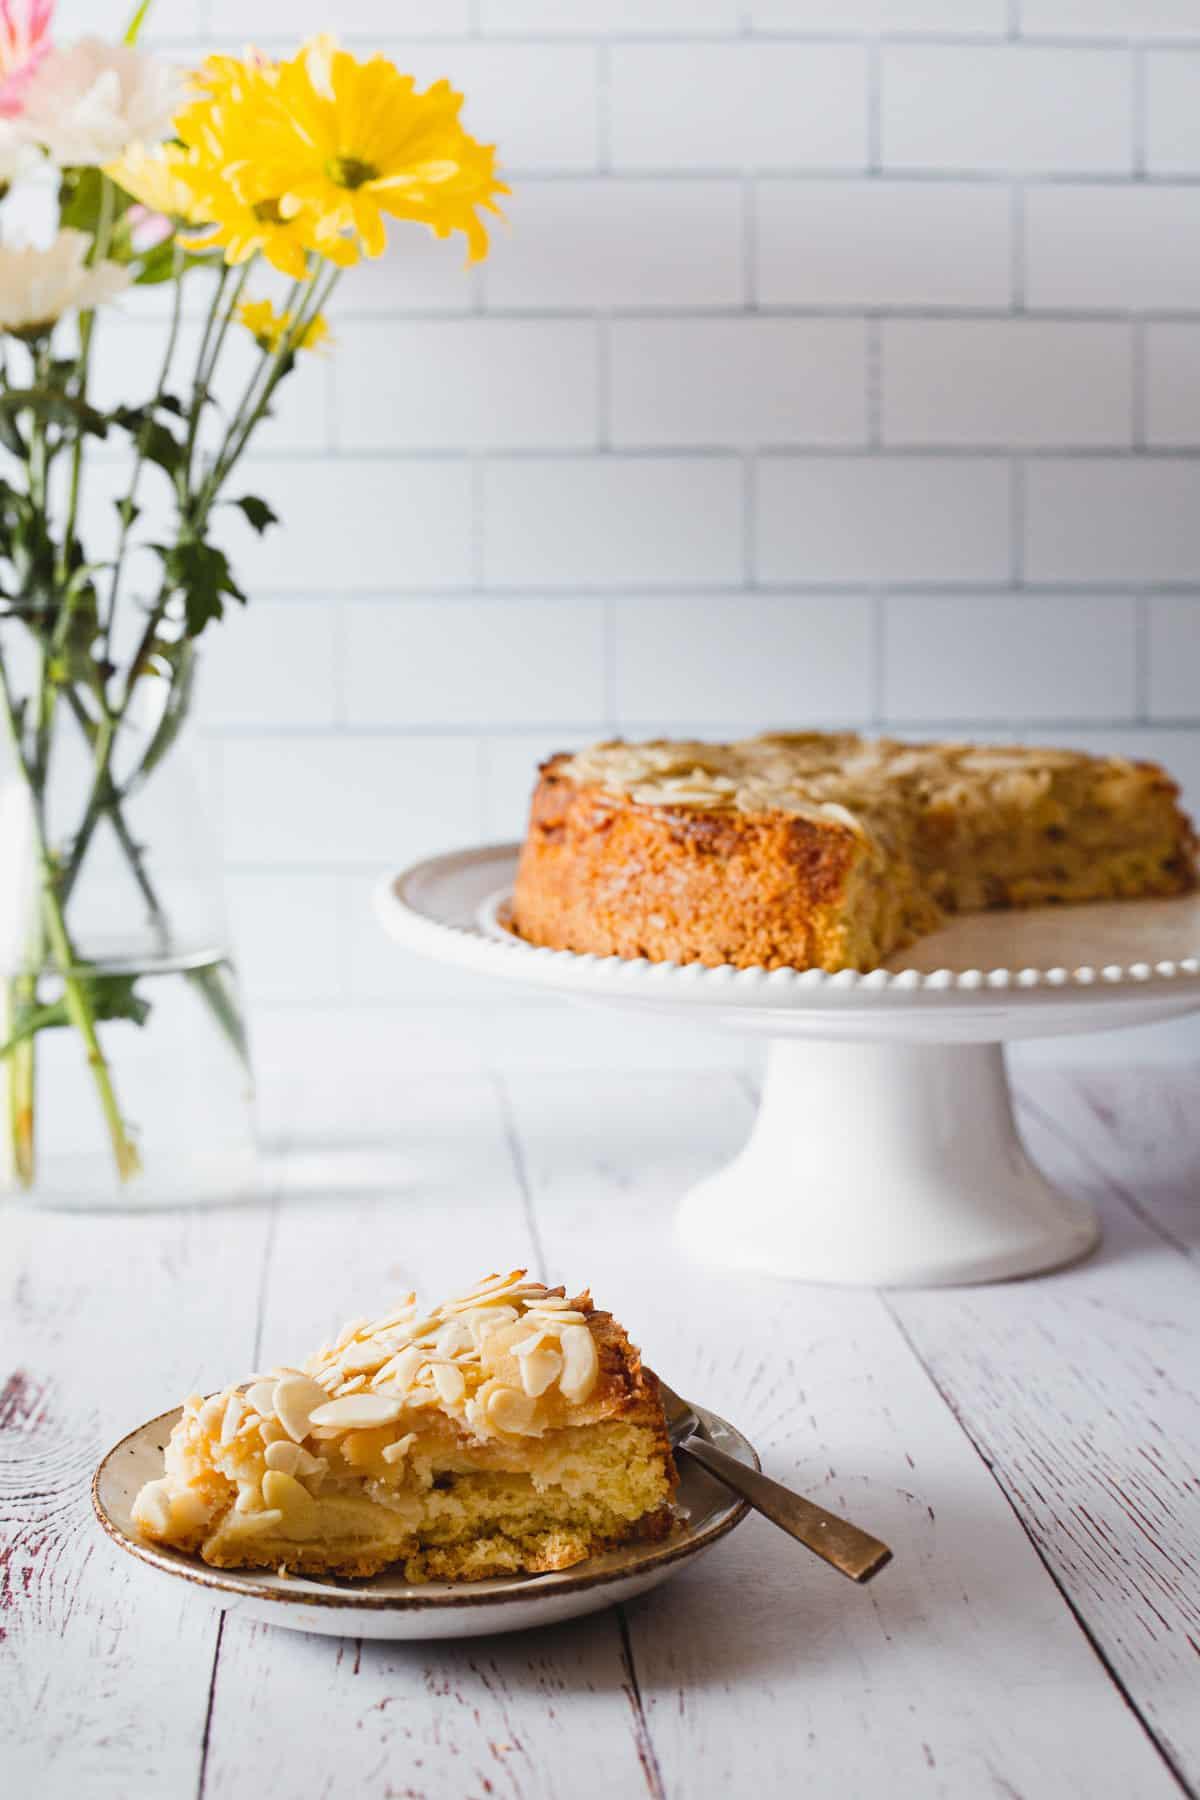 apple cake slice against apple cake in background